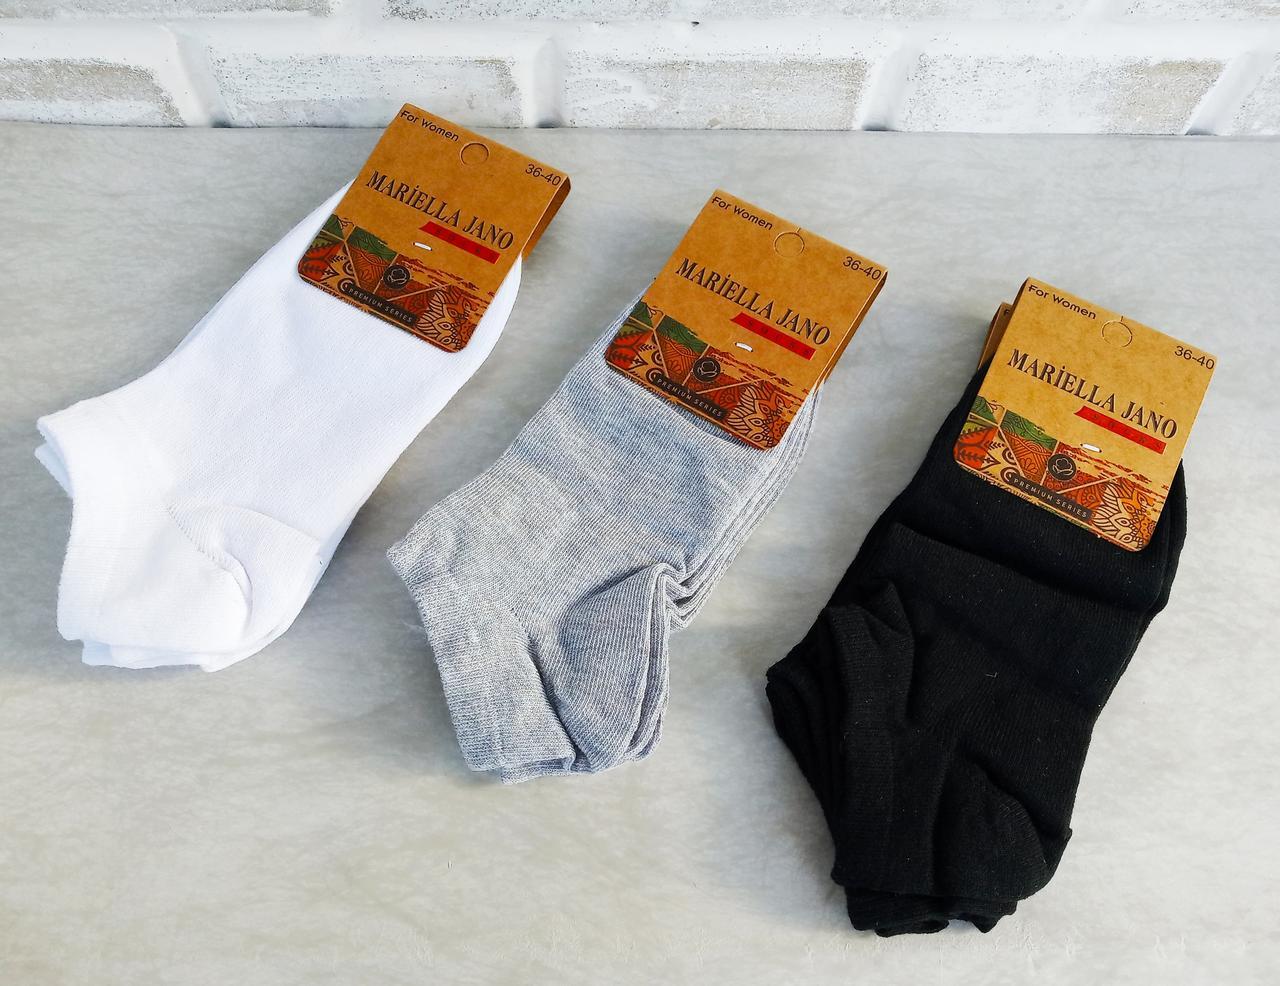 Короткие однотонные женские носки Mariella Jano, демисезонные хлопок